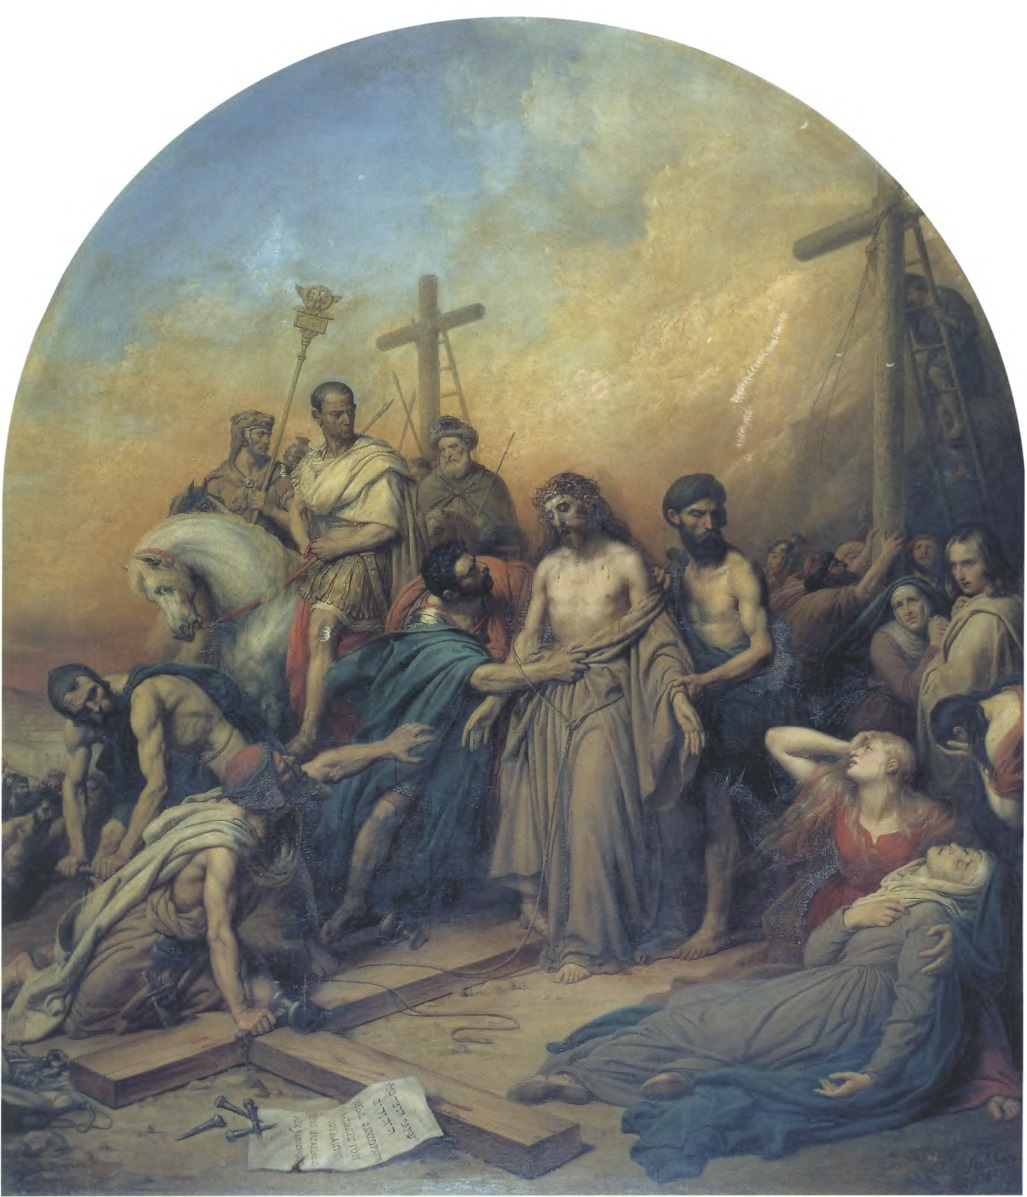 КАРЛ ШТЕЙБЕН. На Голгофе. 1841. Холст, масло. 193 х 168 см (верх — полуовал). Государственная Третьяковская галерея